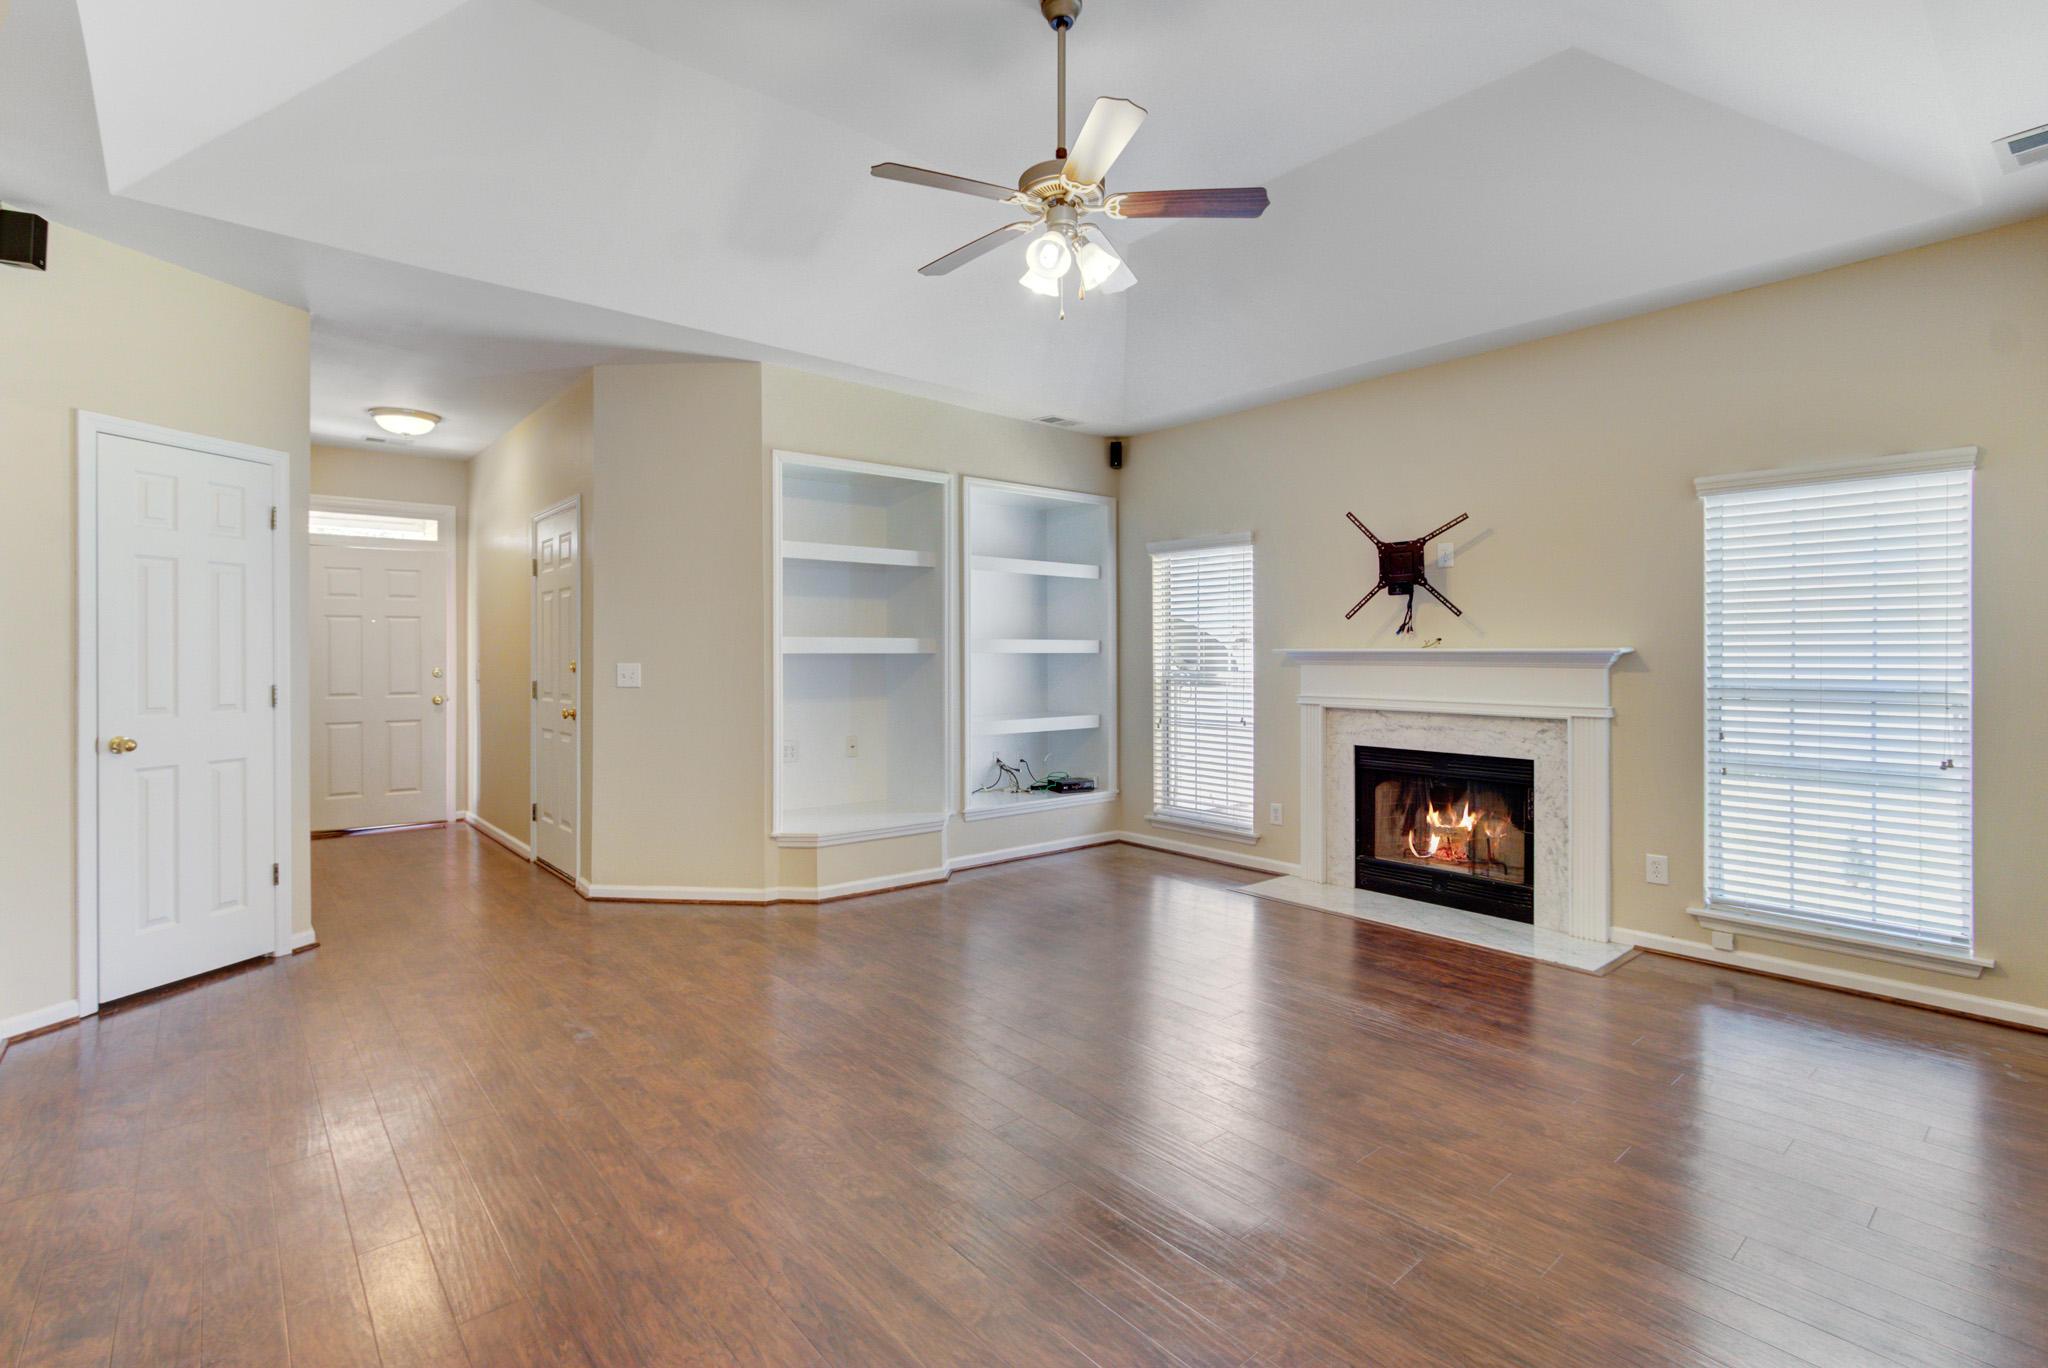 Dunes West Homes For Sale - 1645 Pin Oak Cut, Mount Pleasant, SC - 22